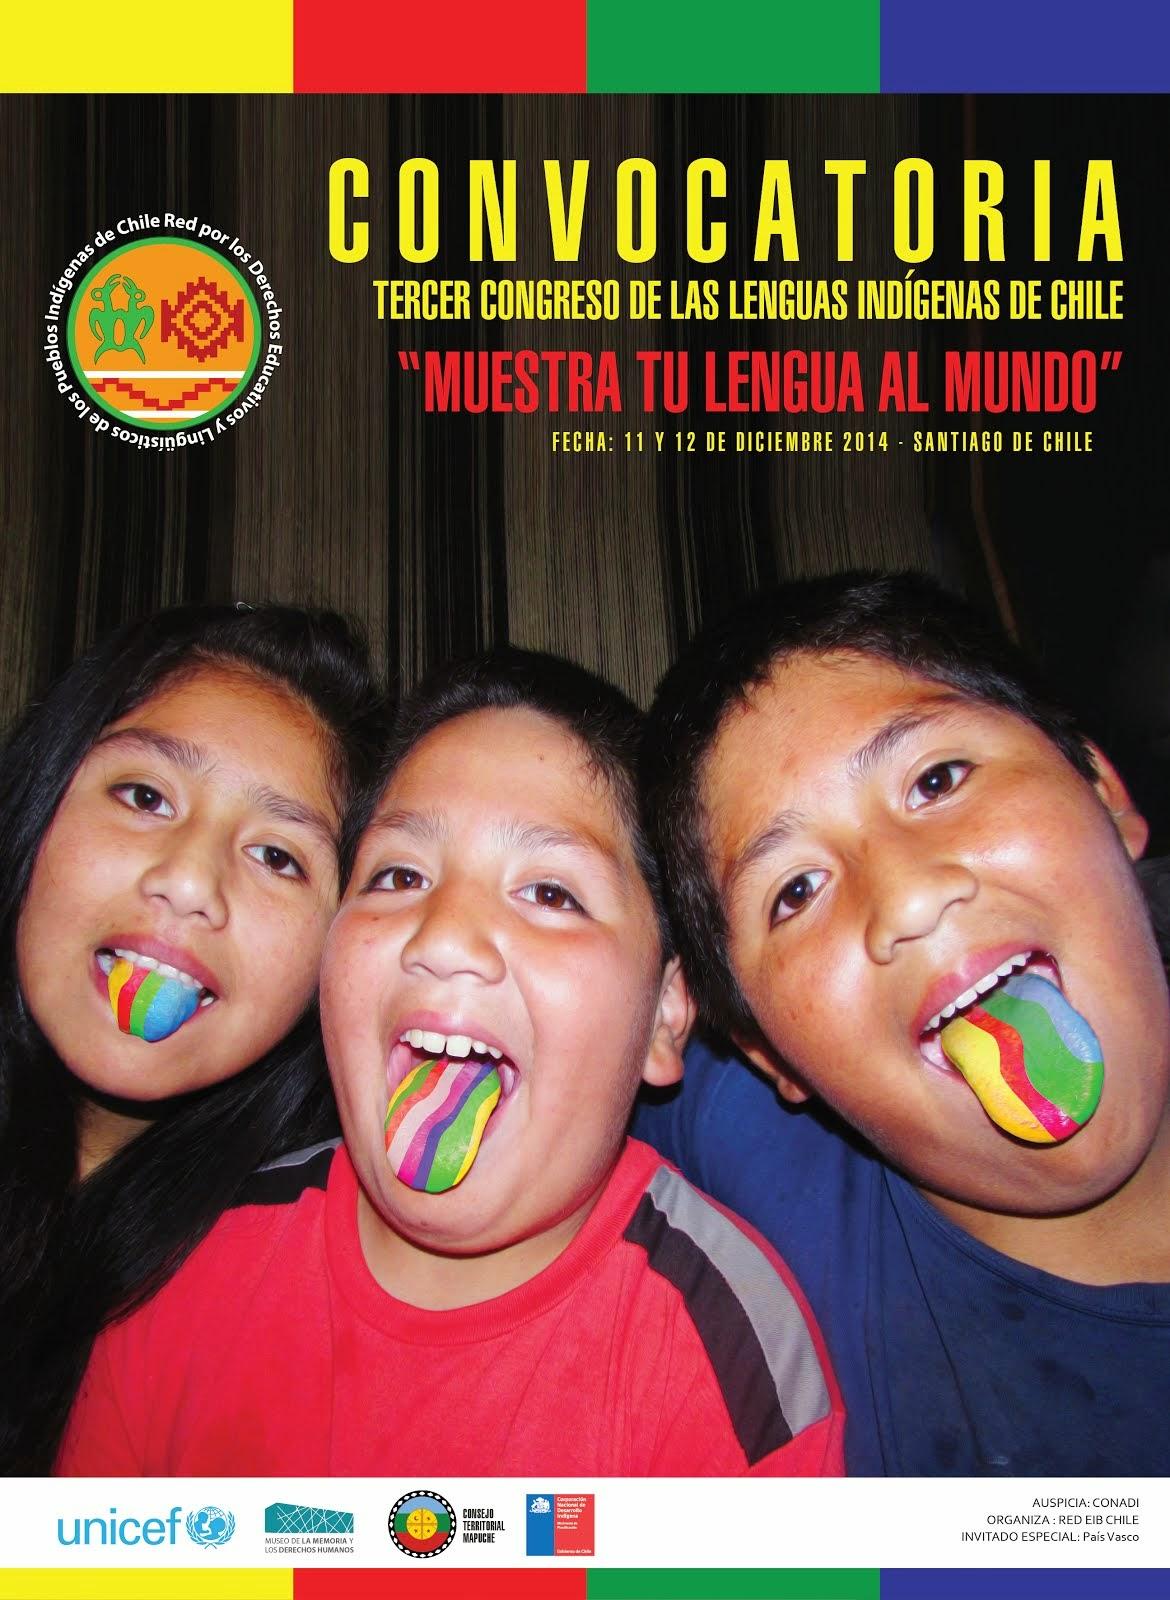 CONVOCATORIA TERCER CONGRESO DE LAS LENGUA INDÍGENAS